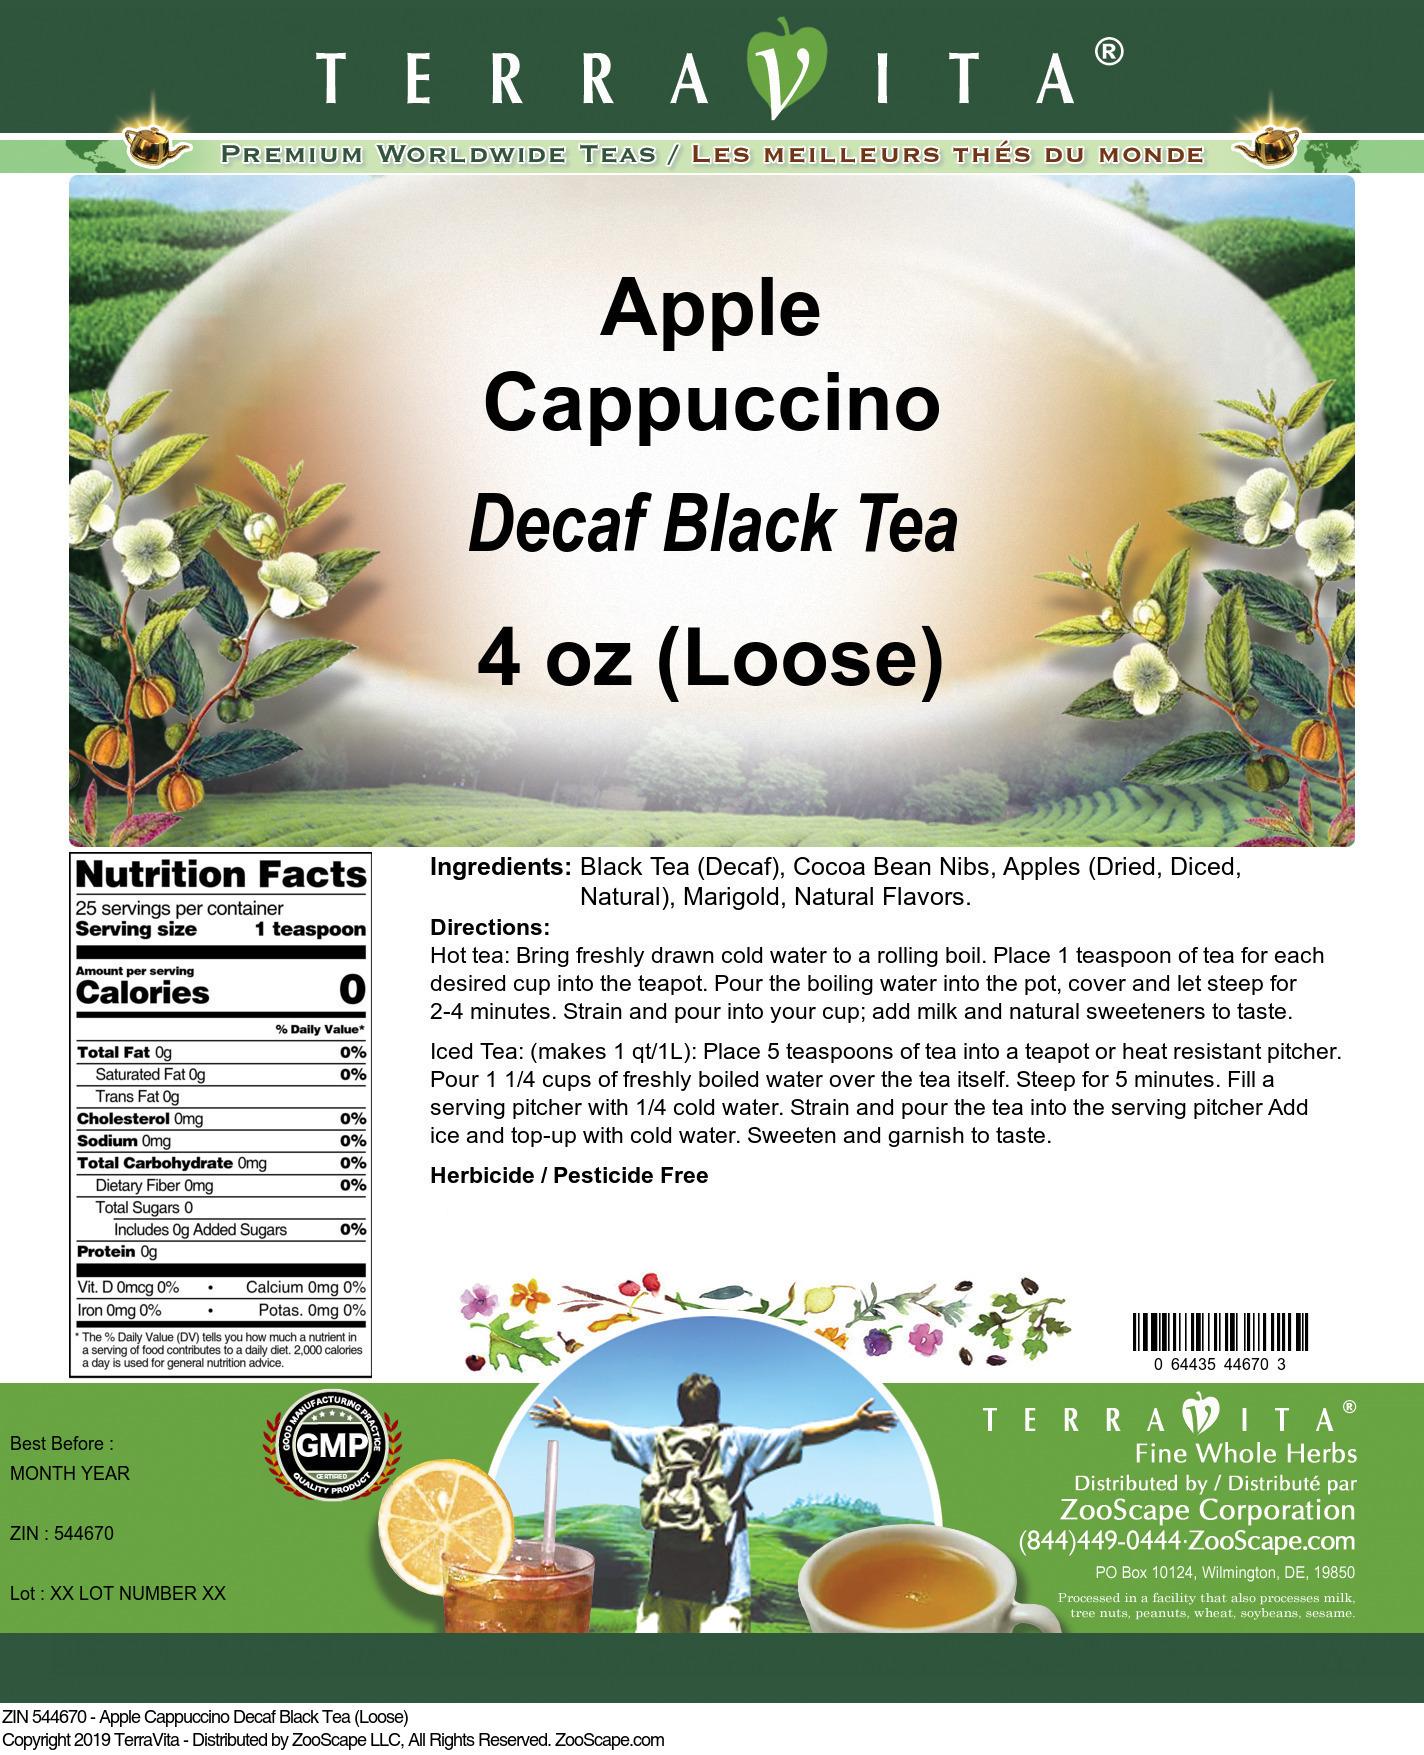 Apple Cappuccino Decaf Black Tea